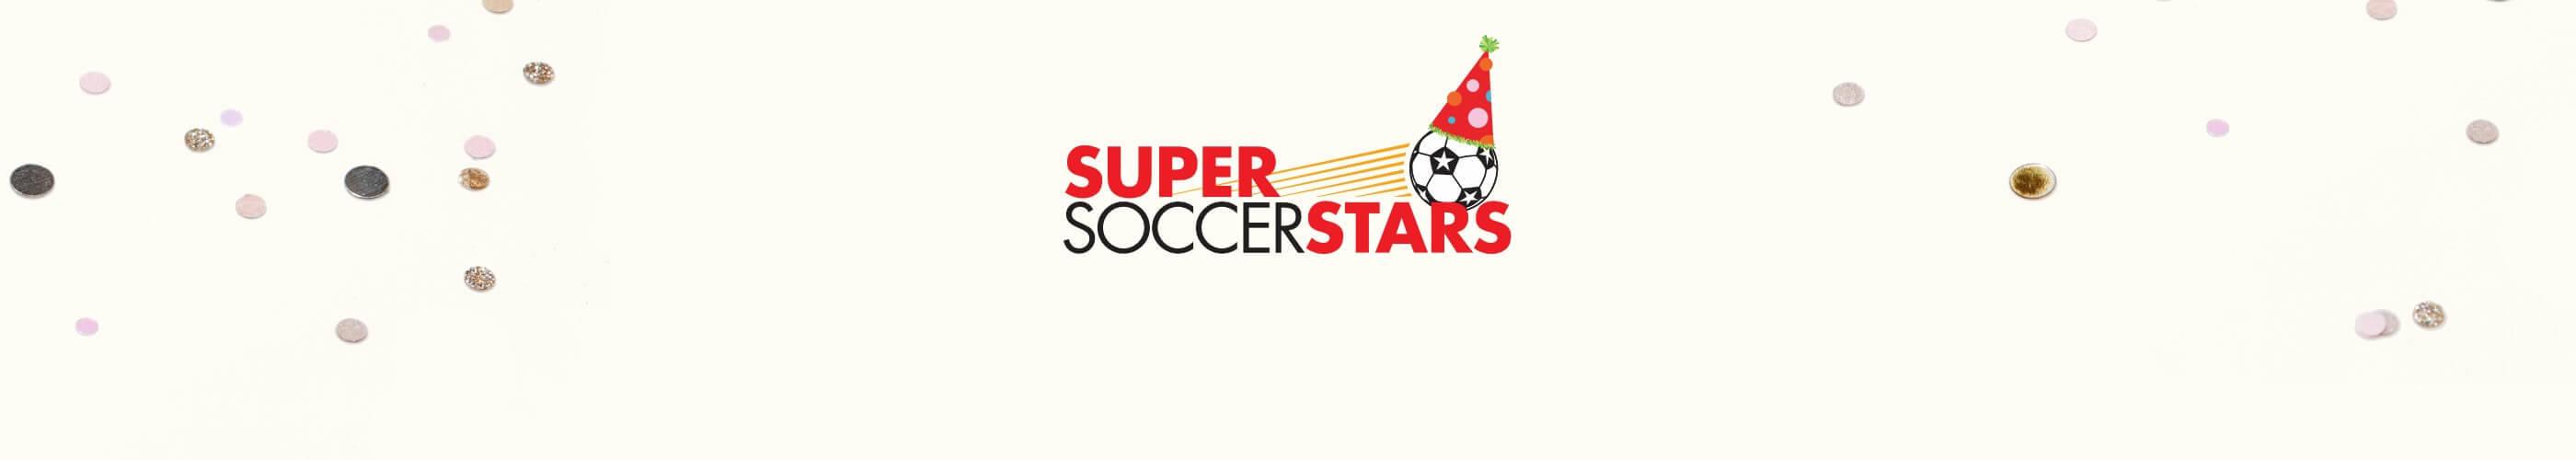 Super Soccer Stars - Online